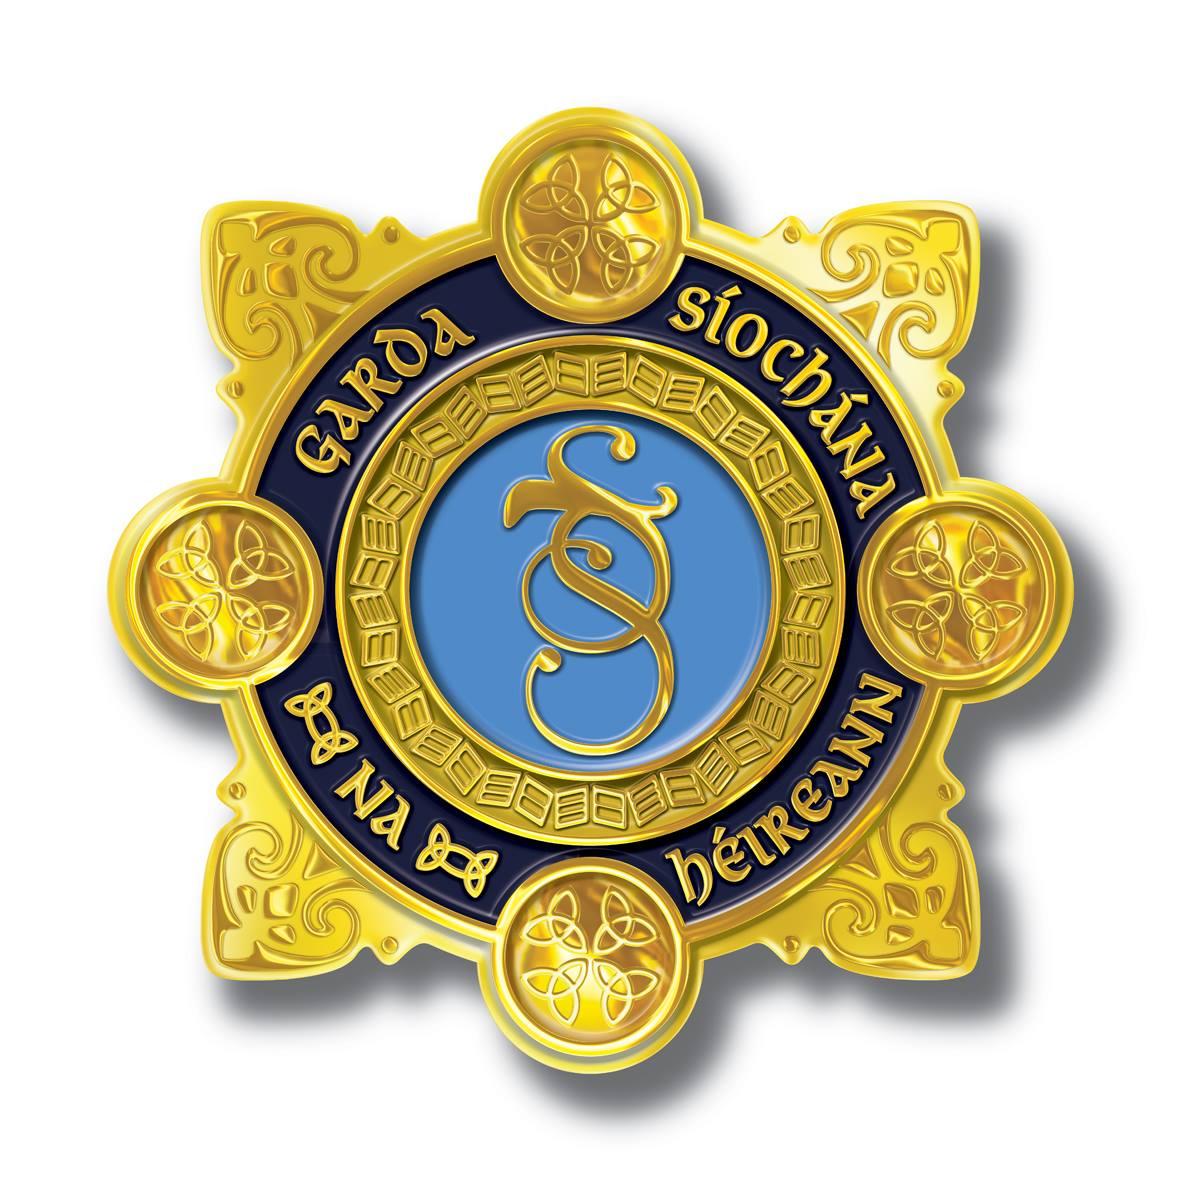 Irish_garda